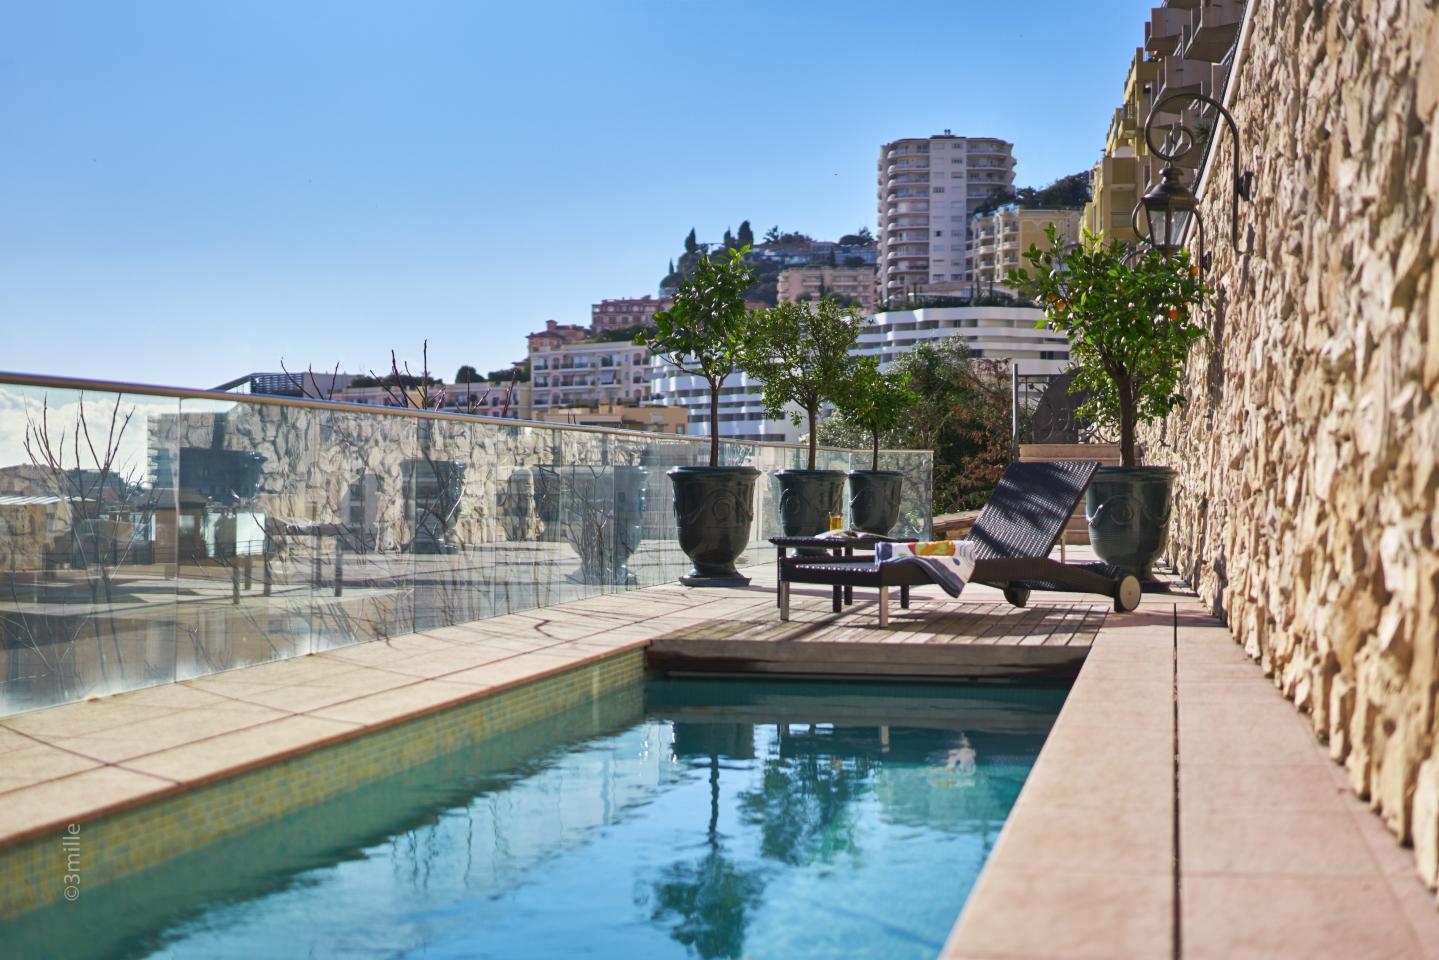 Une piscine de 22 mètres de long.